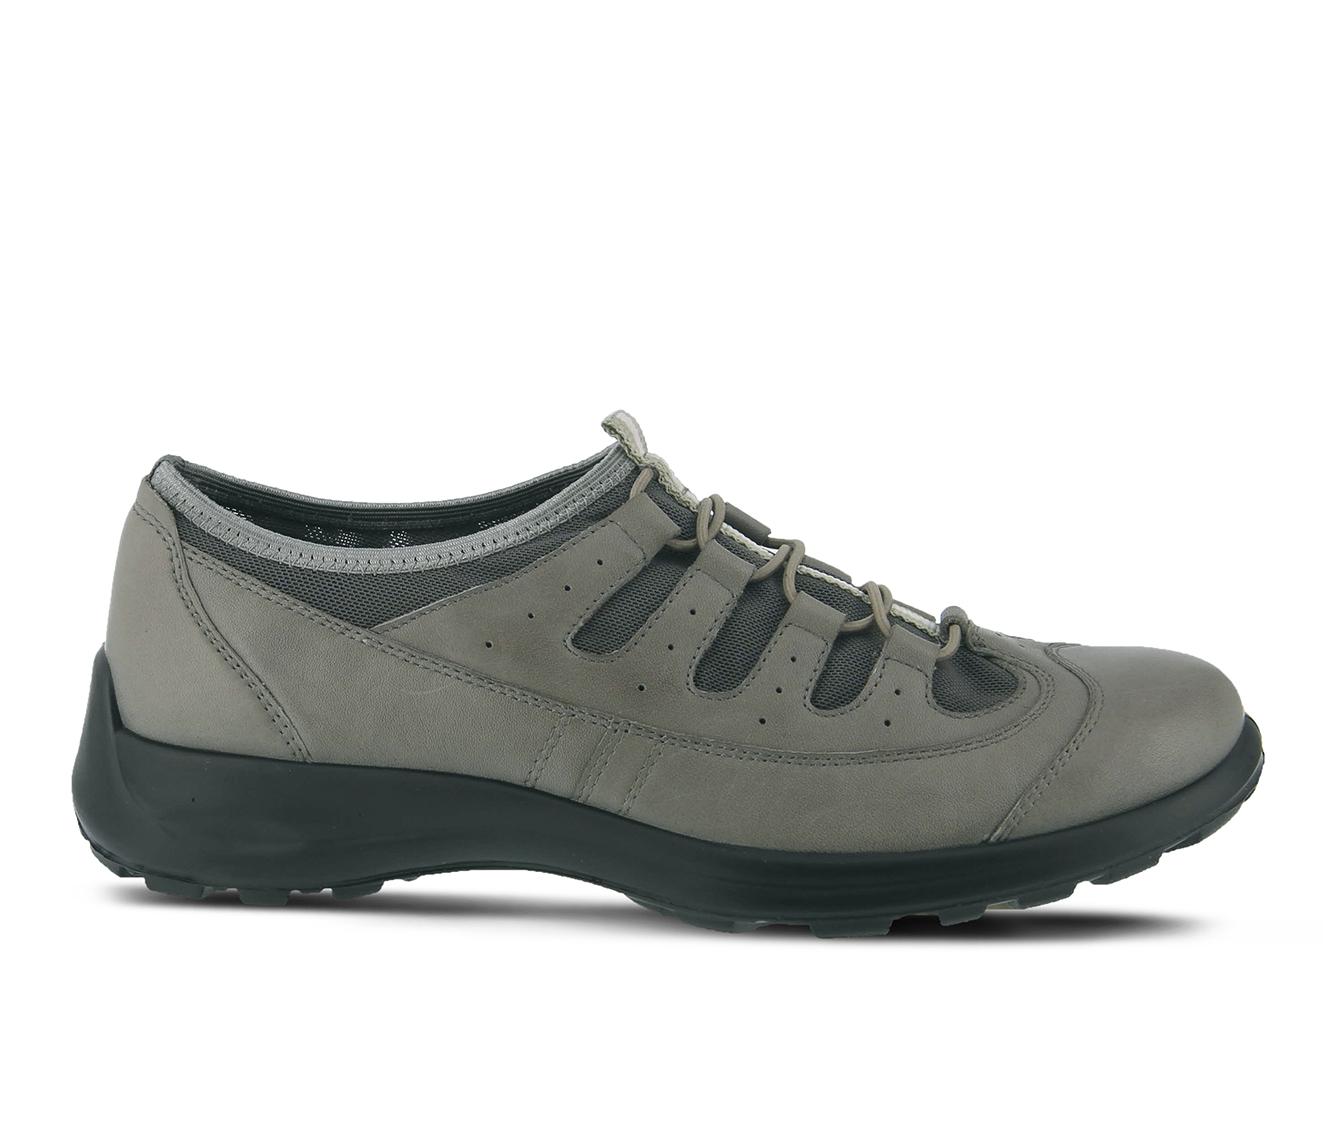 Flexus Jaiya Women's Shoe (Gray Leather)